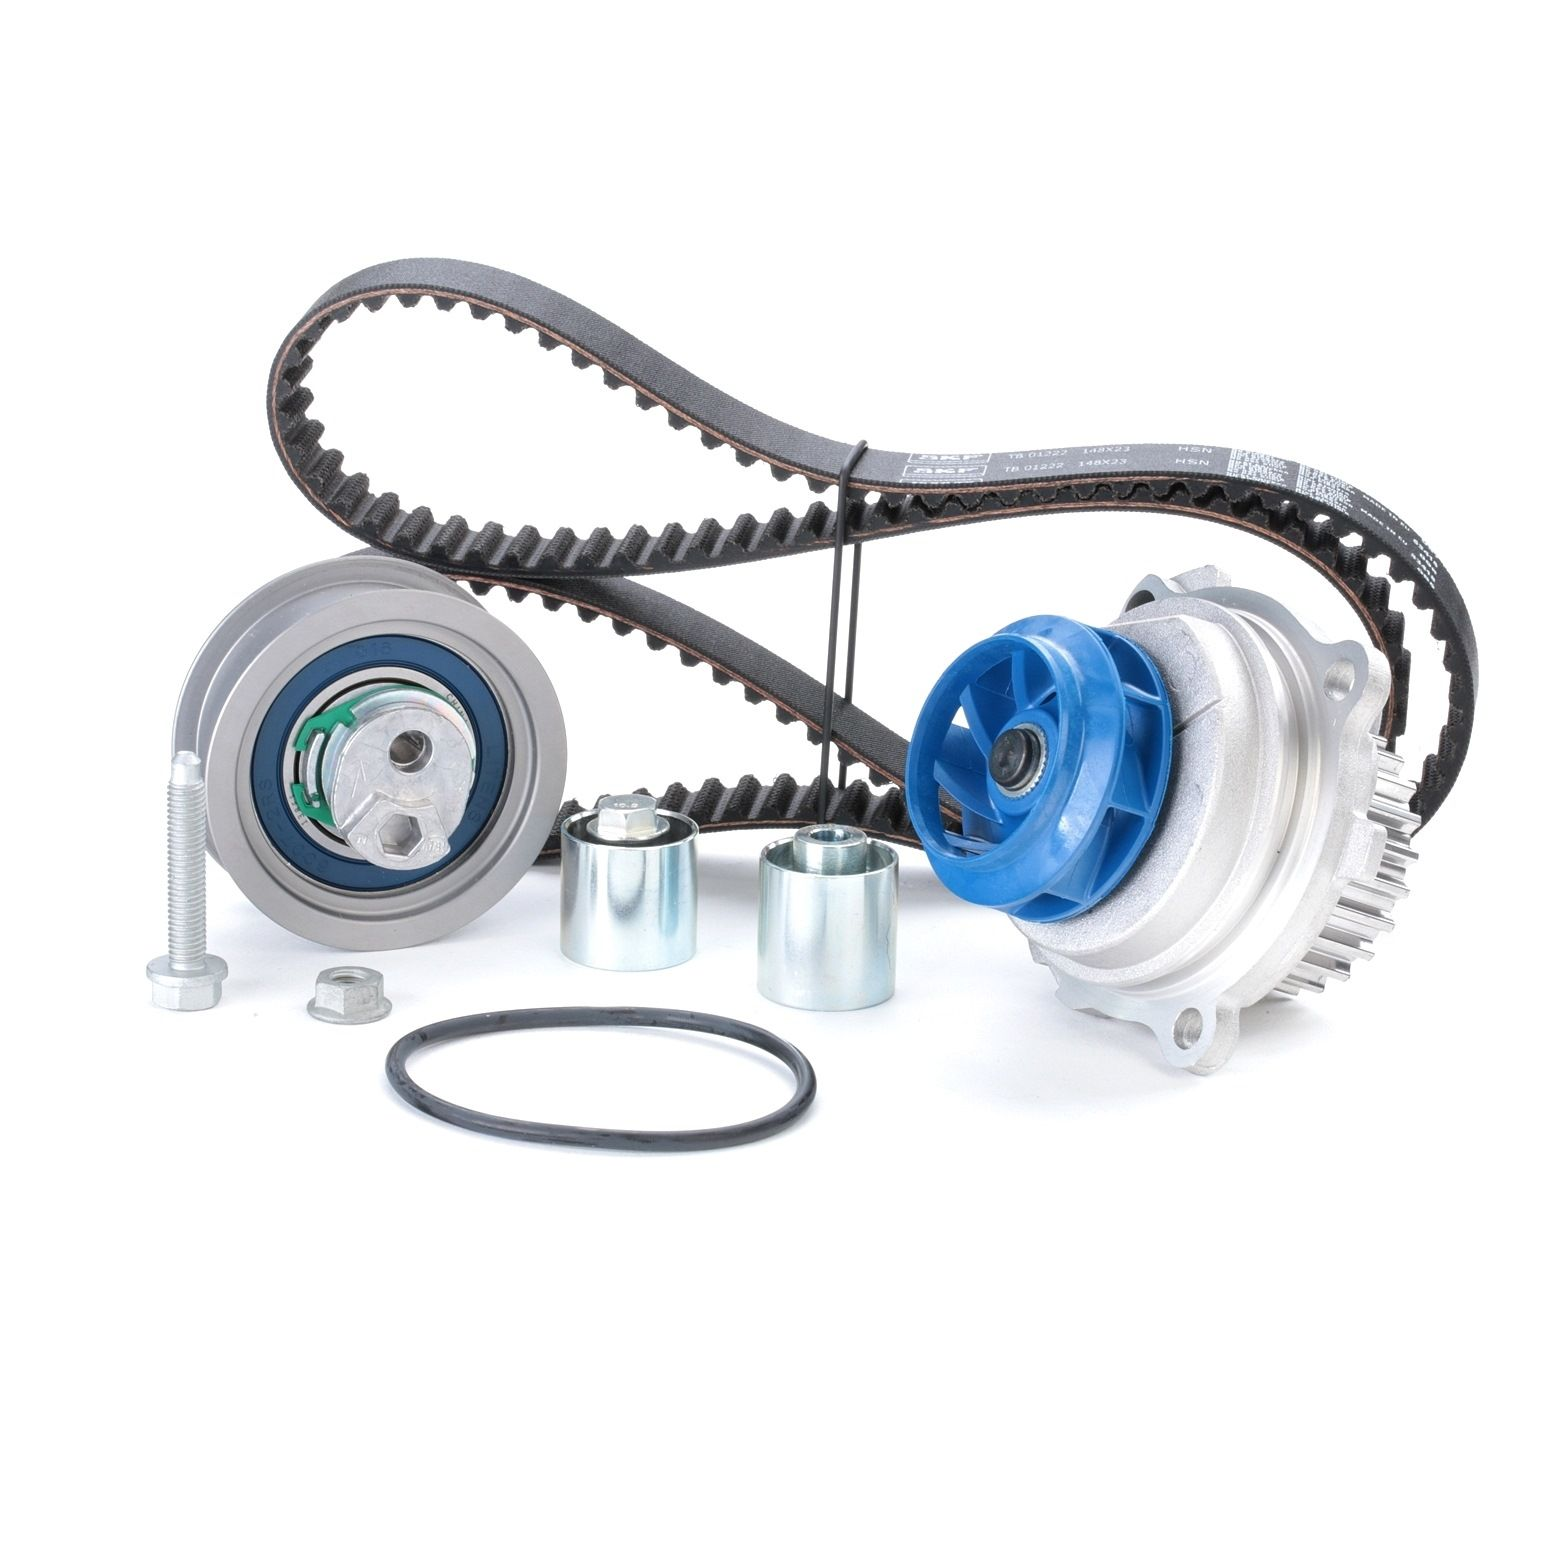 Motorkylning VKMC 01222-1 som är helt SKF otroligt kostnadseffektivt